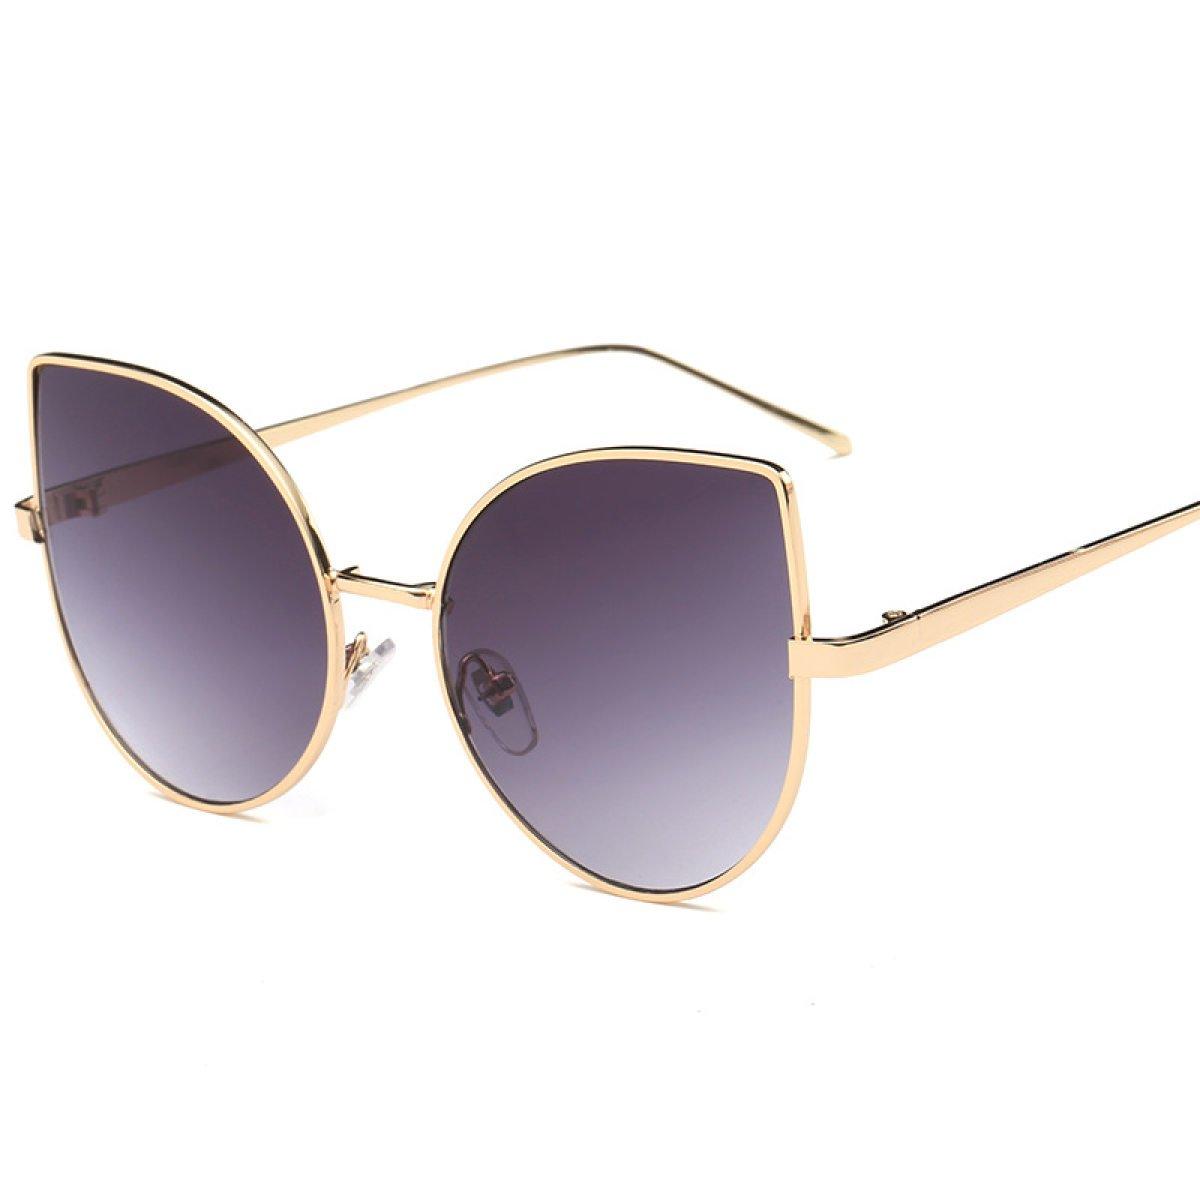 Frau Mode-Trend Katze Sonnenbrille Auge,A5